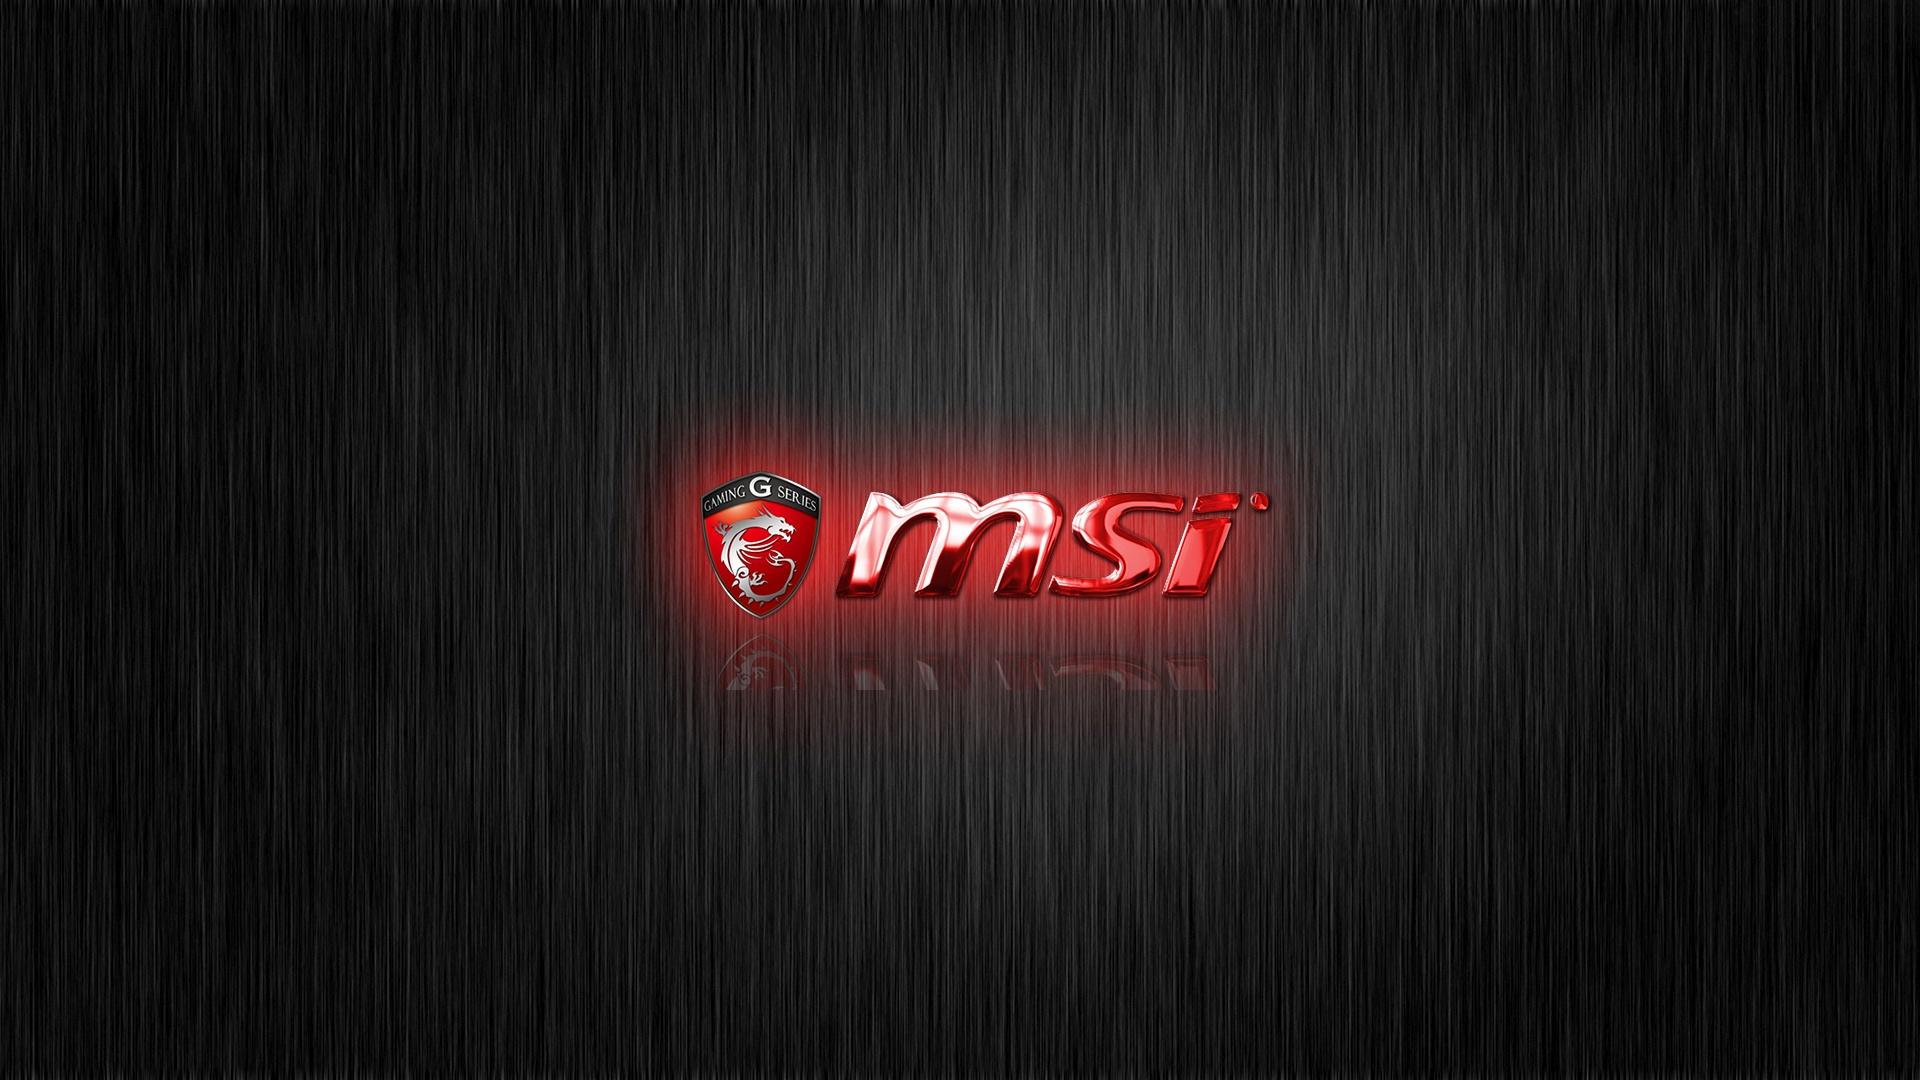 Msi hd background